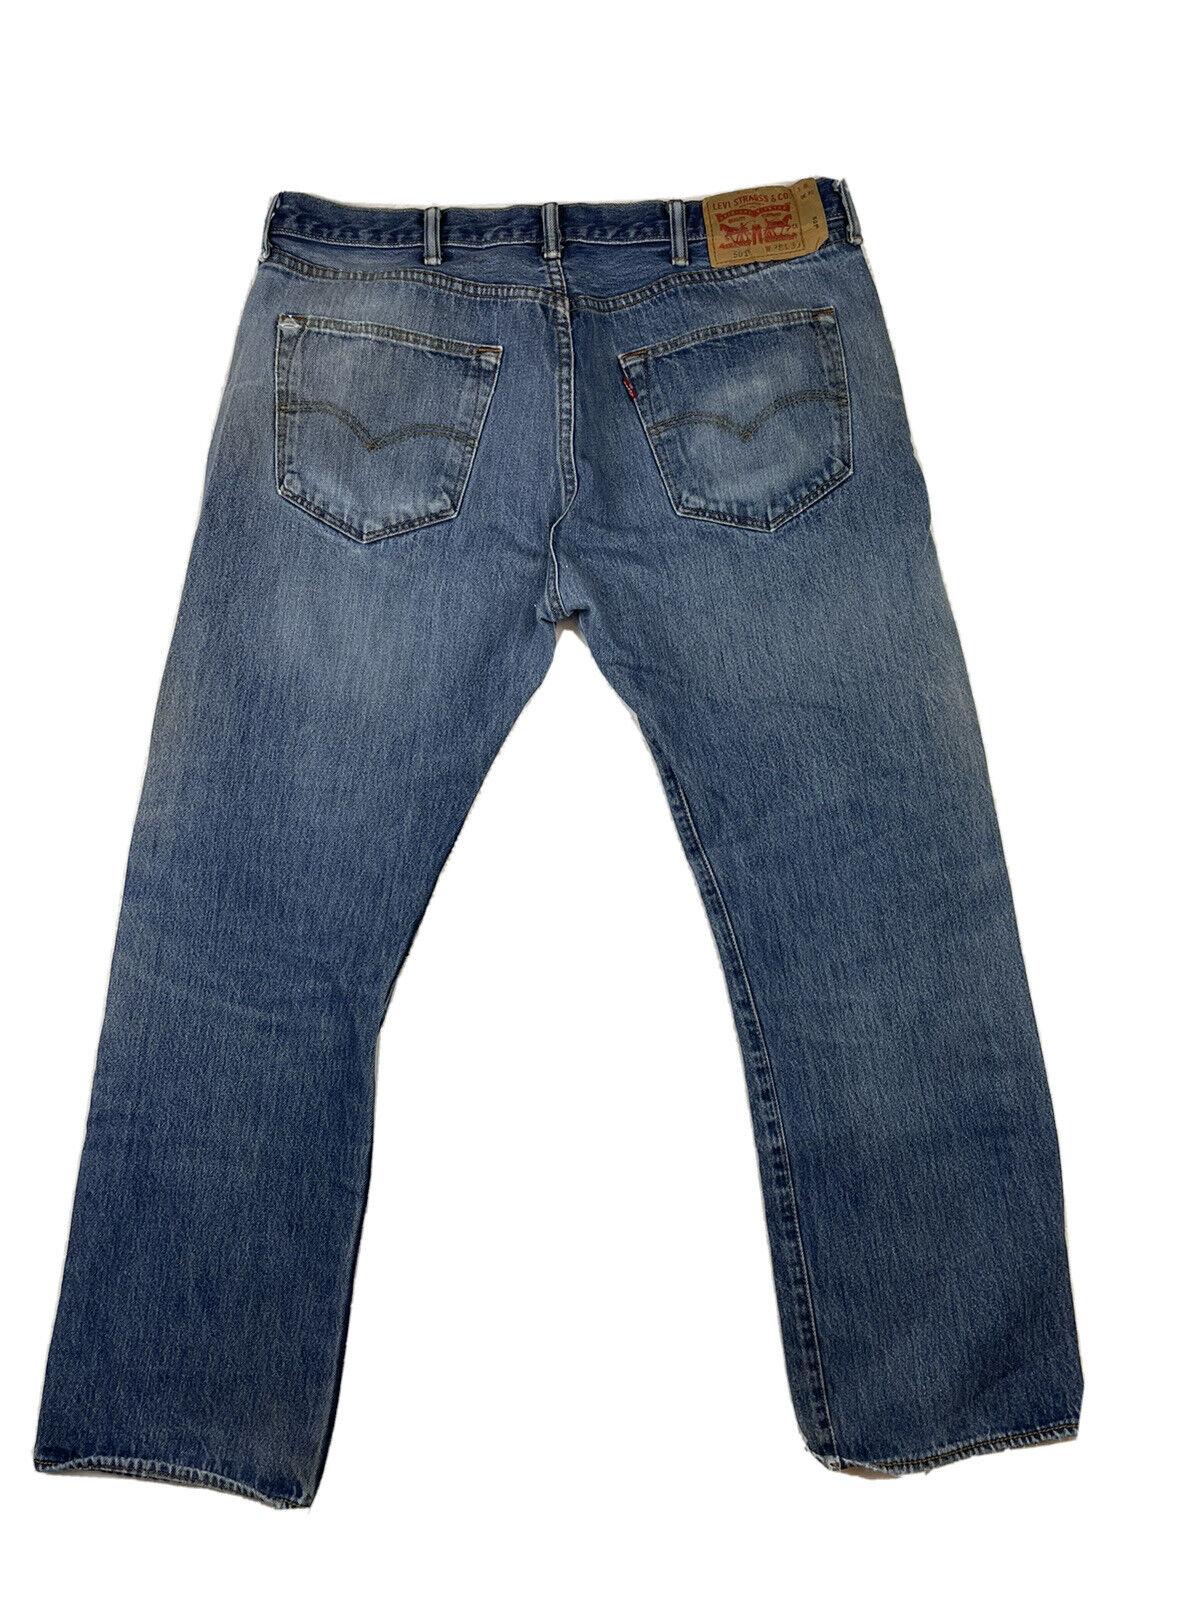 Levis 501 Jeans Mens Size 38x30 Blue Distressed - image 1